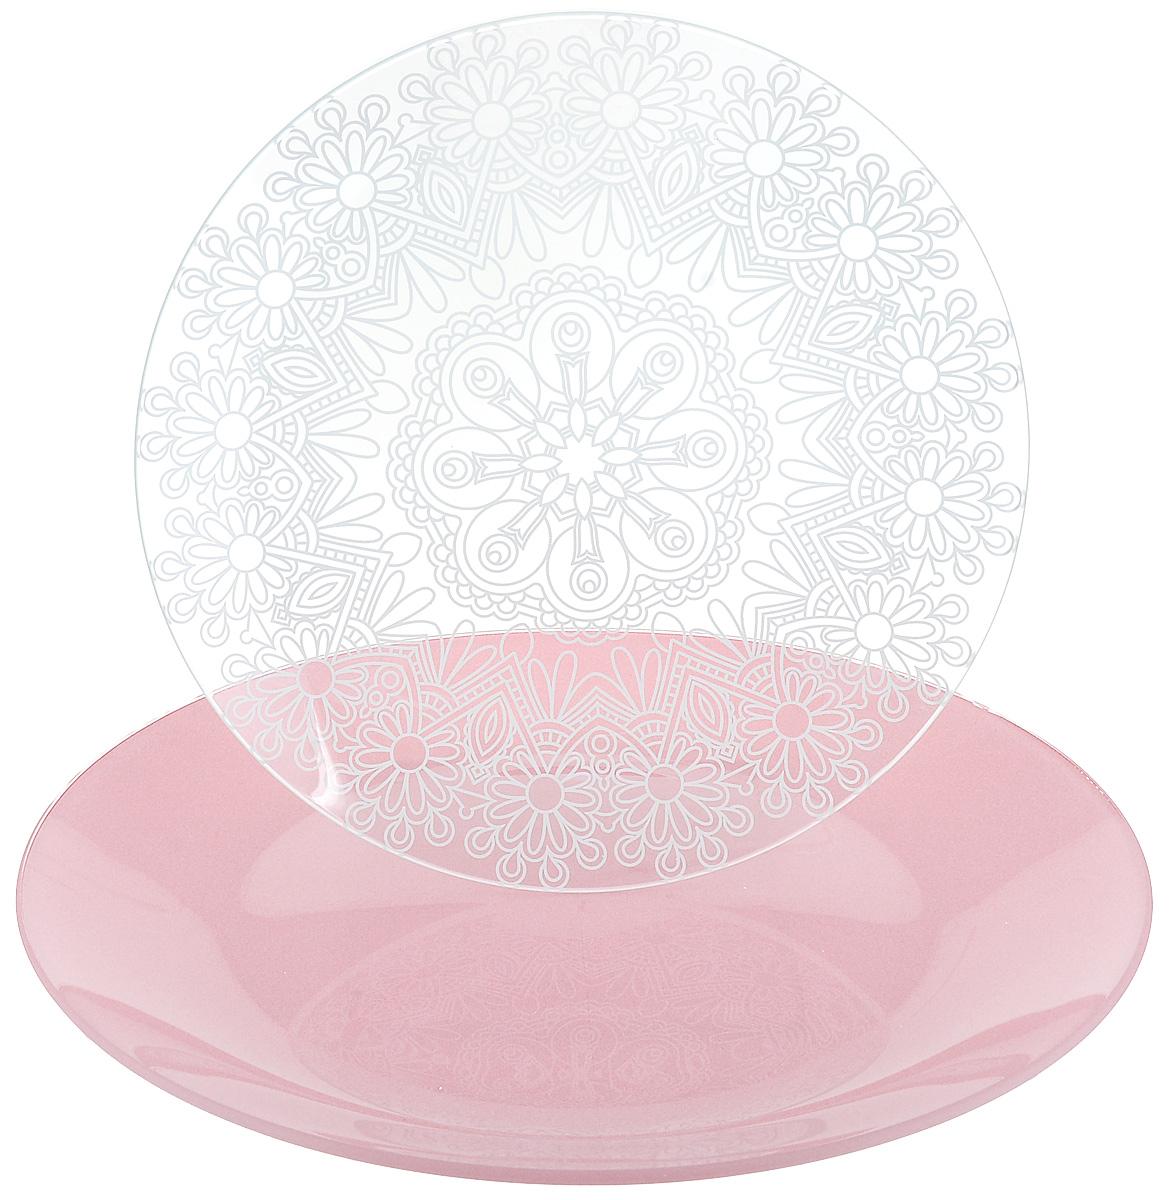 Набор тарелок NiNaGlass, цвет: розовый, диаметр 20 см, 2 шт. 85-200-146пср85-200-146псрНабор тарелок NiNaGlass Кружево и Палитра выполнена из высококачественного стекла, декорирована под Вологодское кружево и подстановочная тарелка яркий насыщенный цвет. Набор идеален для подачи горячих блюд, сервировки праздничного стола, нарезок, салатов, овощей и фруктов. Он отлично подойдет как для повседневных, так и для торжественных случаев. Такой набор прекрасно впишется в интерьер вашей кухни и станет достойным дополнением к кухонному инвентарю.